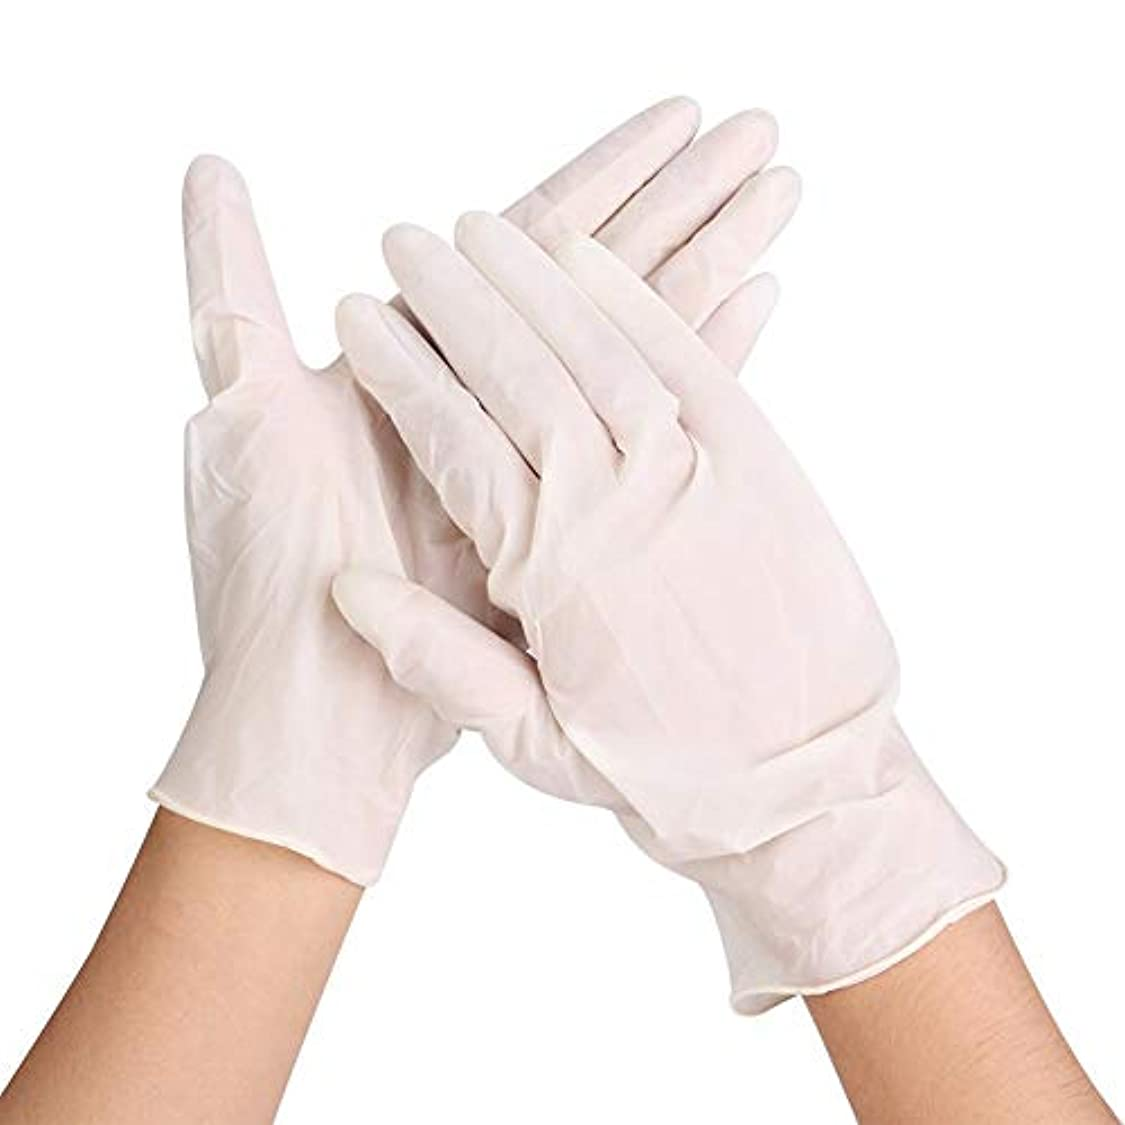 リテラシー怒って引き受けるラテックス手袋、食器洗い、キッチン、作業用、ガーデン手袋用の使い捨て伸縮性耐久性手袋50個, 50個使い捨て手袋ラテックス皿洗い/キッチン/仕事/ゴム/庭の手袋